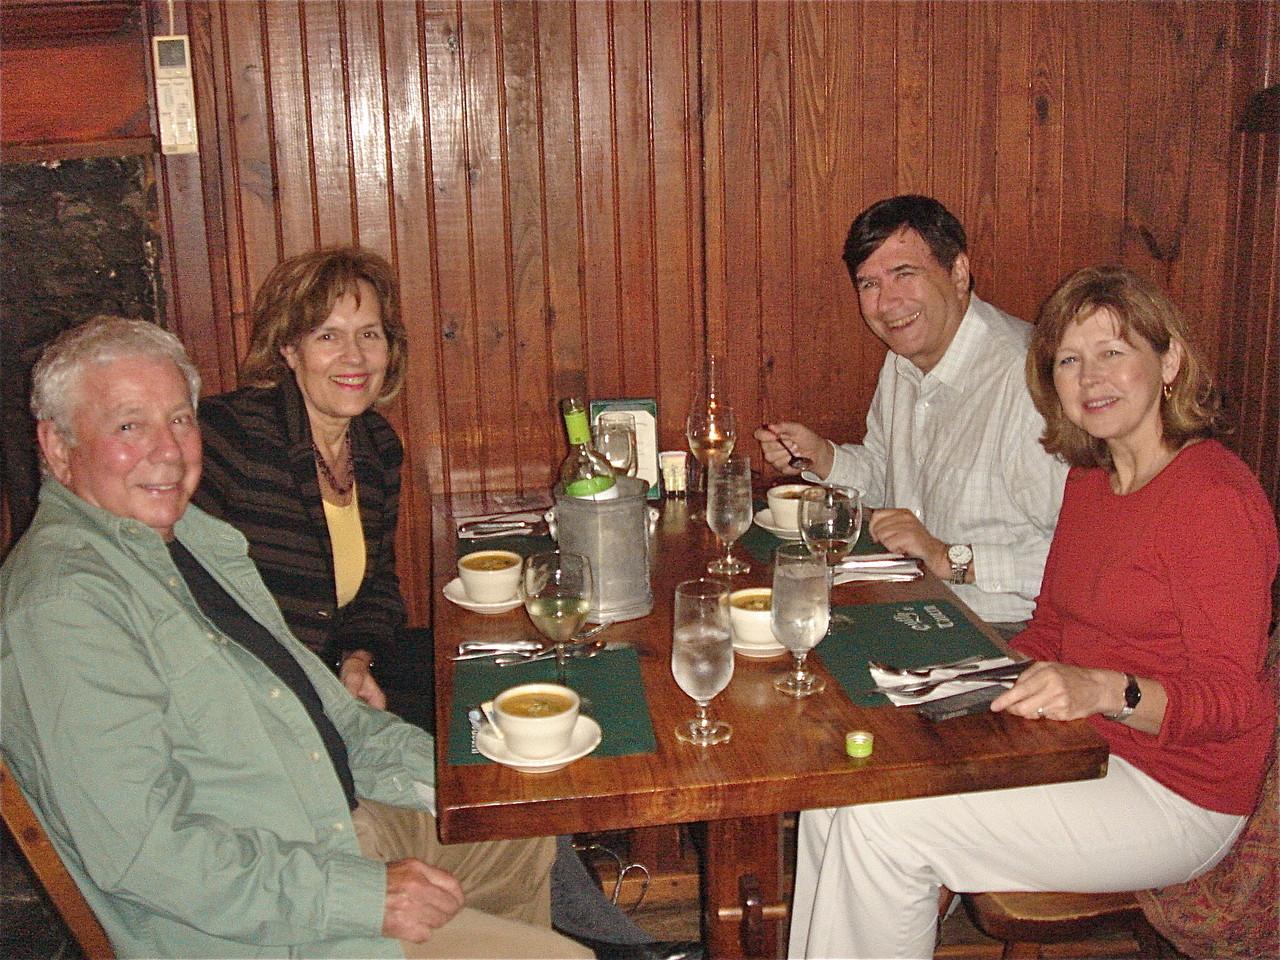 Don Fischman, Lorraine, John, & Barbara Lohse, State College, PA  fall, 2013